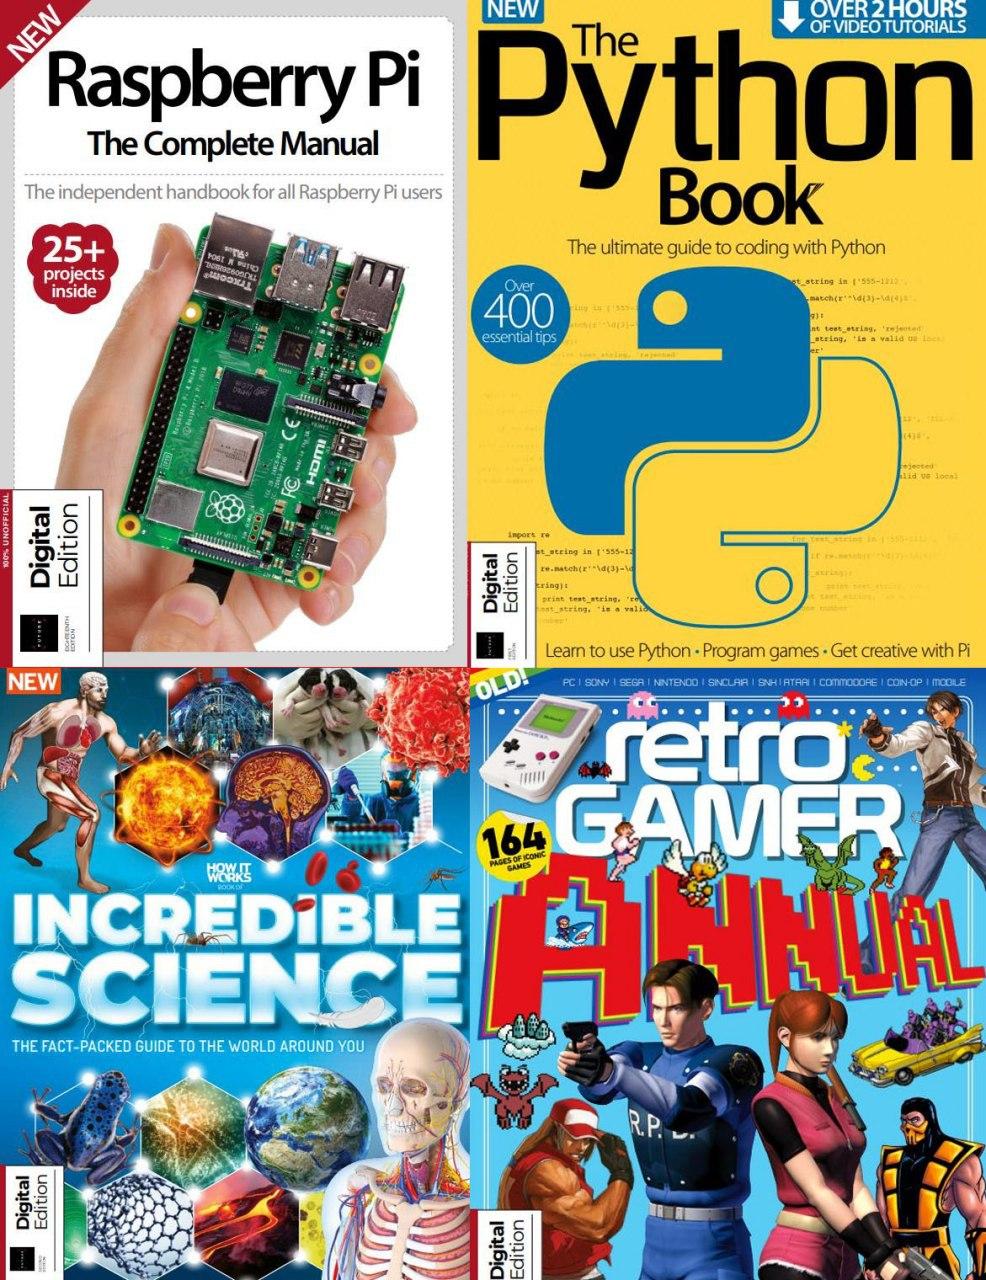 Revistas gratis en inglés sobre programación, juegos retro y ciencia